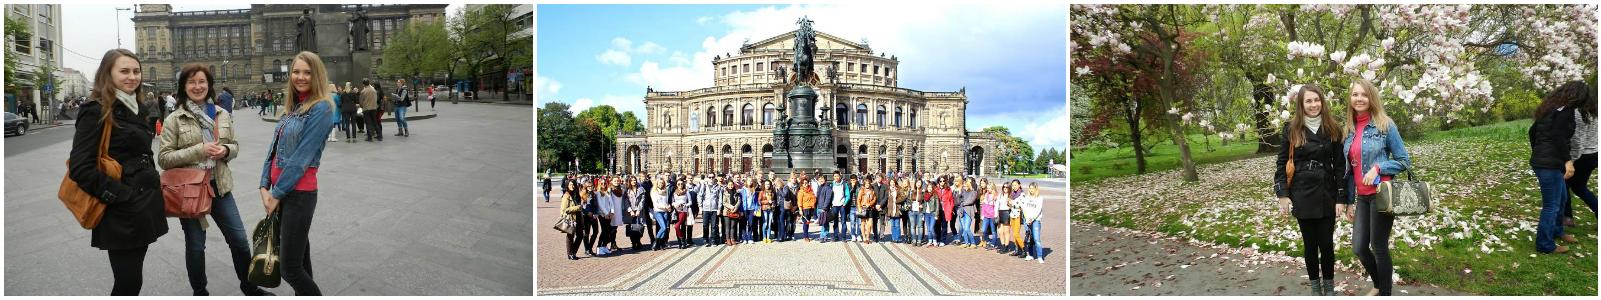 коллаж весенние каникулы для школьников в Праге